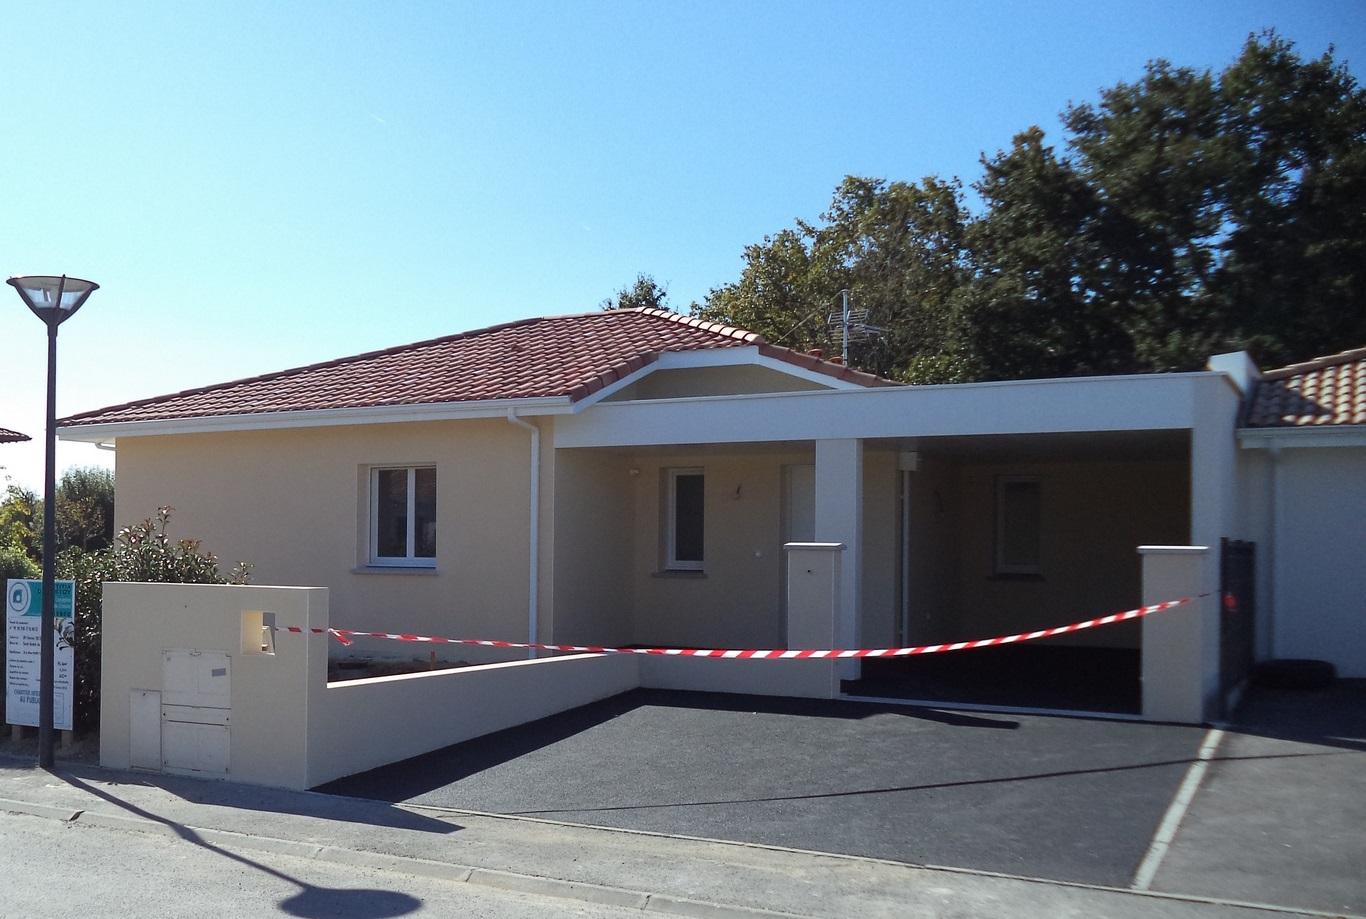 Maison brique avec toiture terrasse